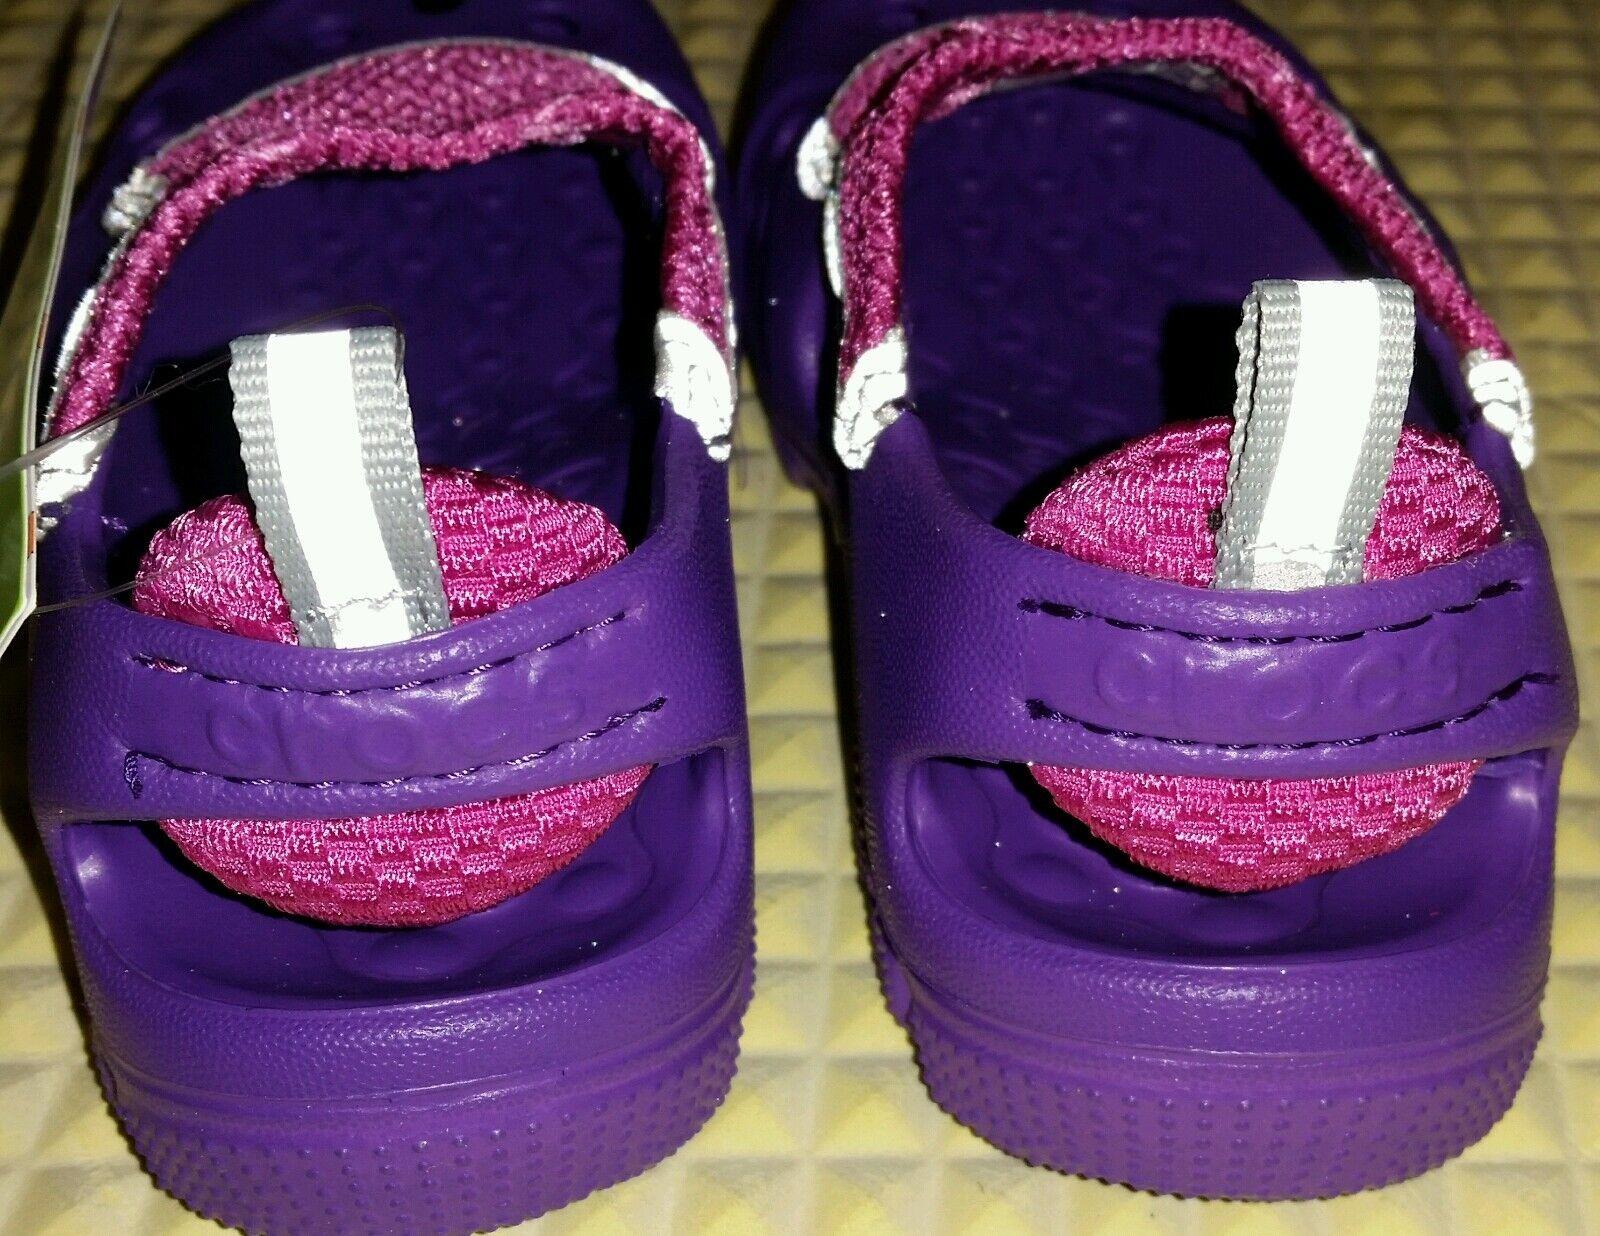 NEW Crocs Purple Pink Micah II Water Beach Shoes Girl's Sz 8/9 -  FREE SHIPPING 1